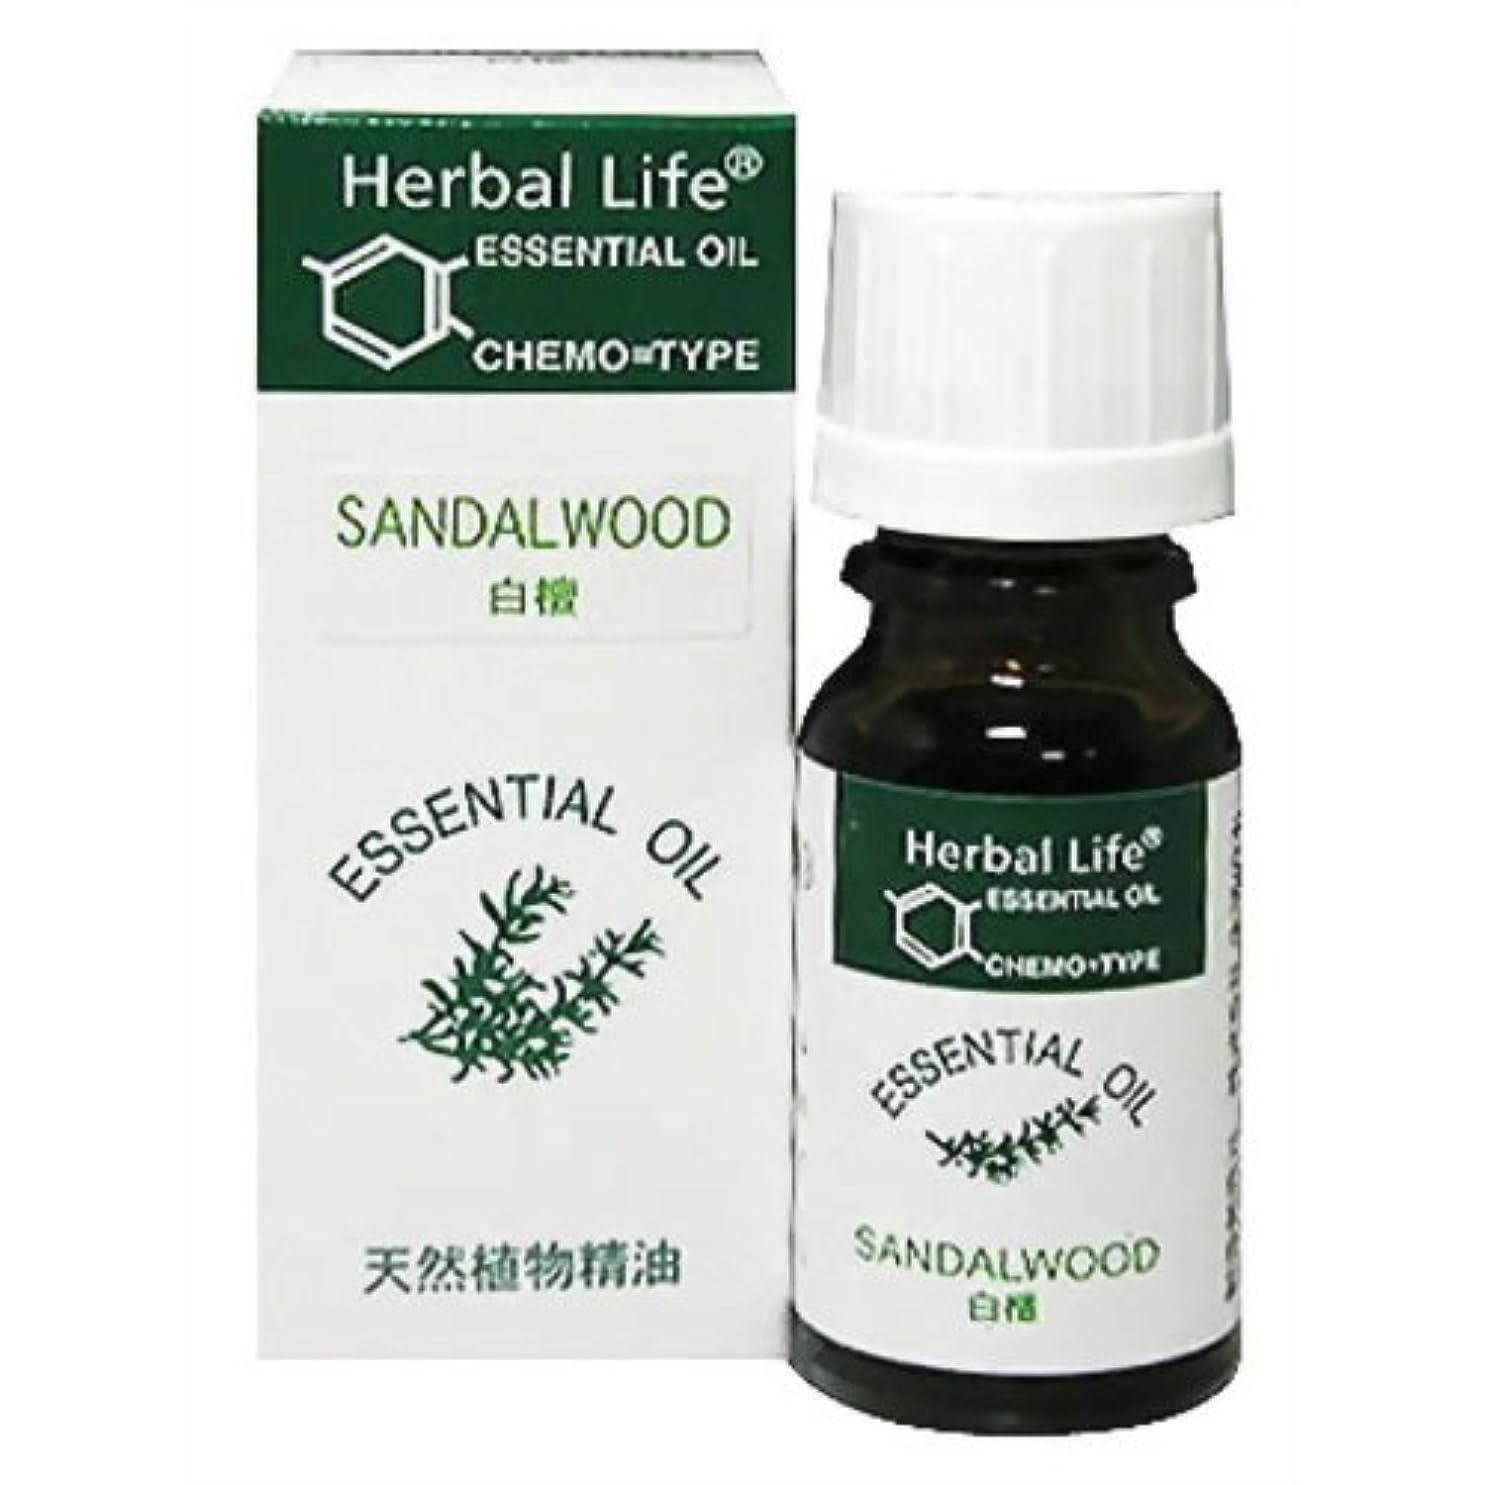 干ばつ訪問予算Herbal Life サンダルウッド 10ml